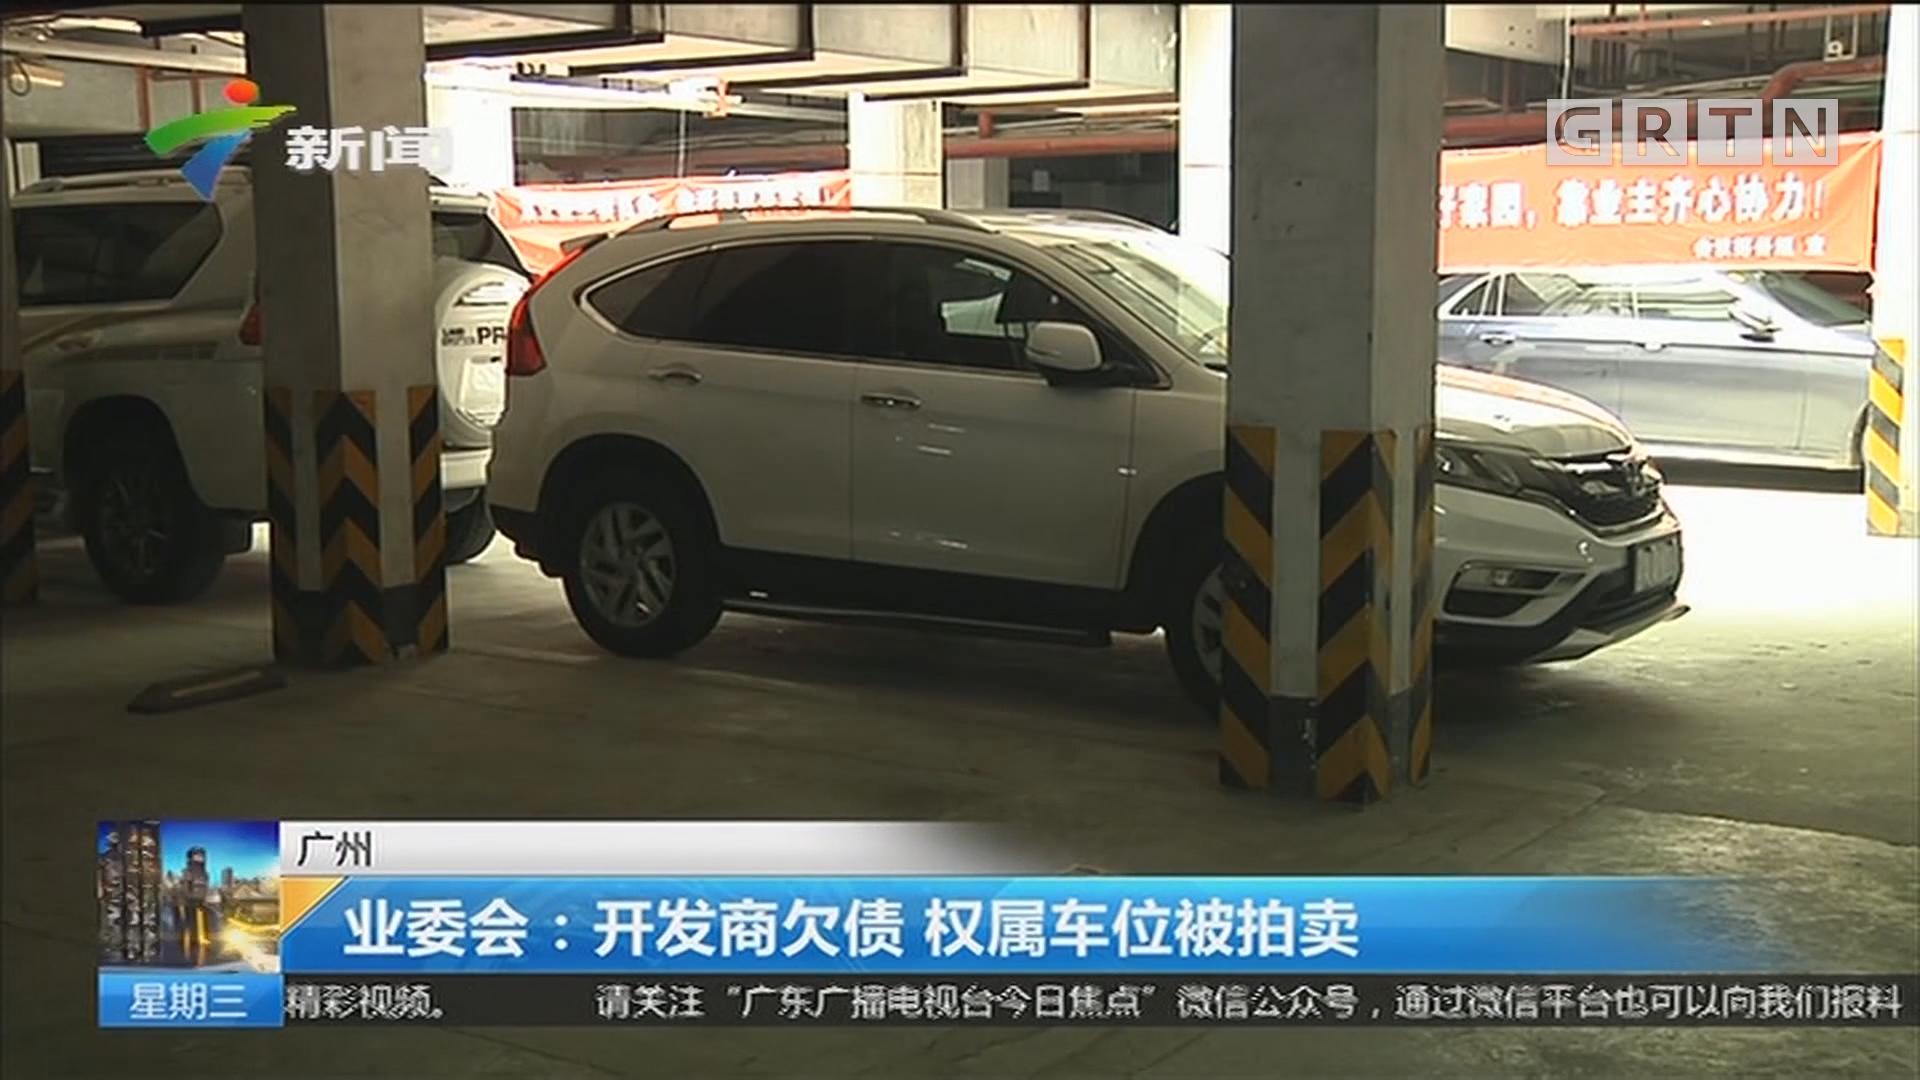 广州 业委会:开发商欠债 权属车位被拍卖